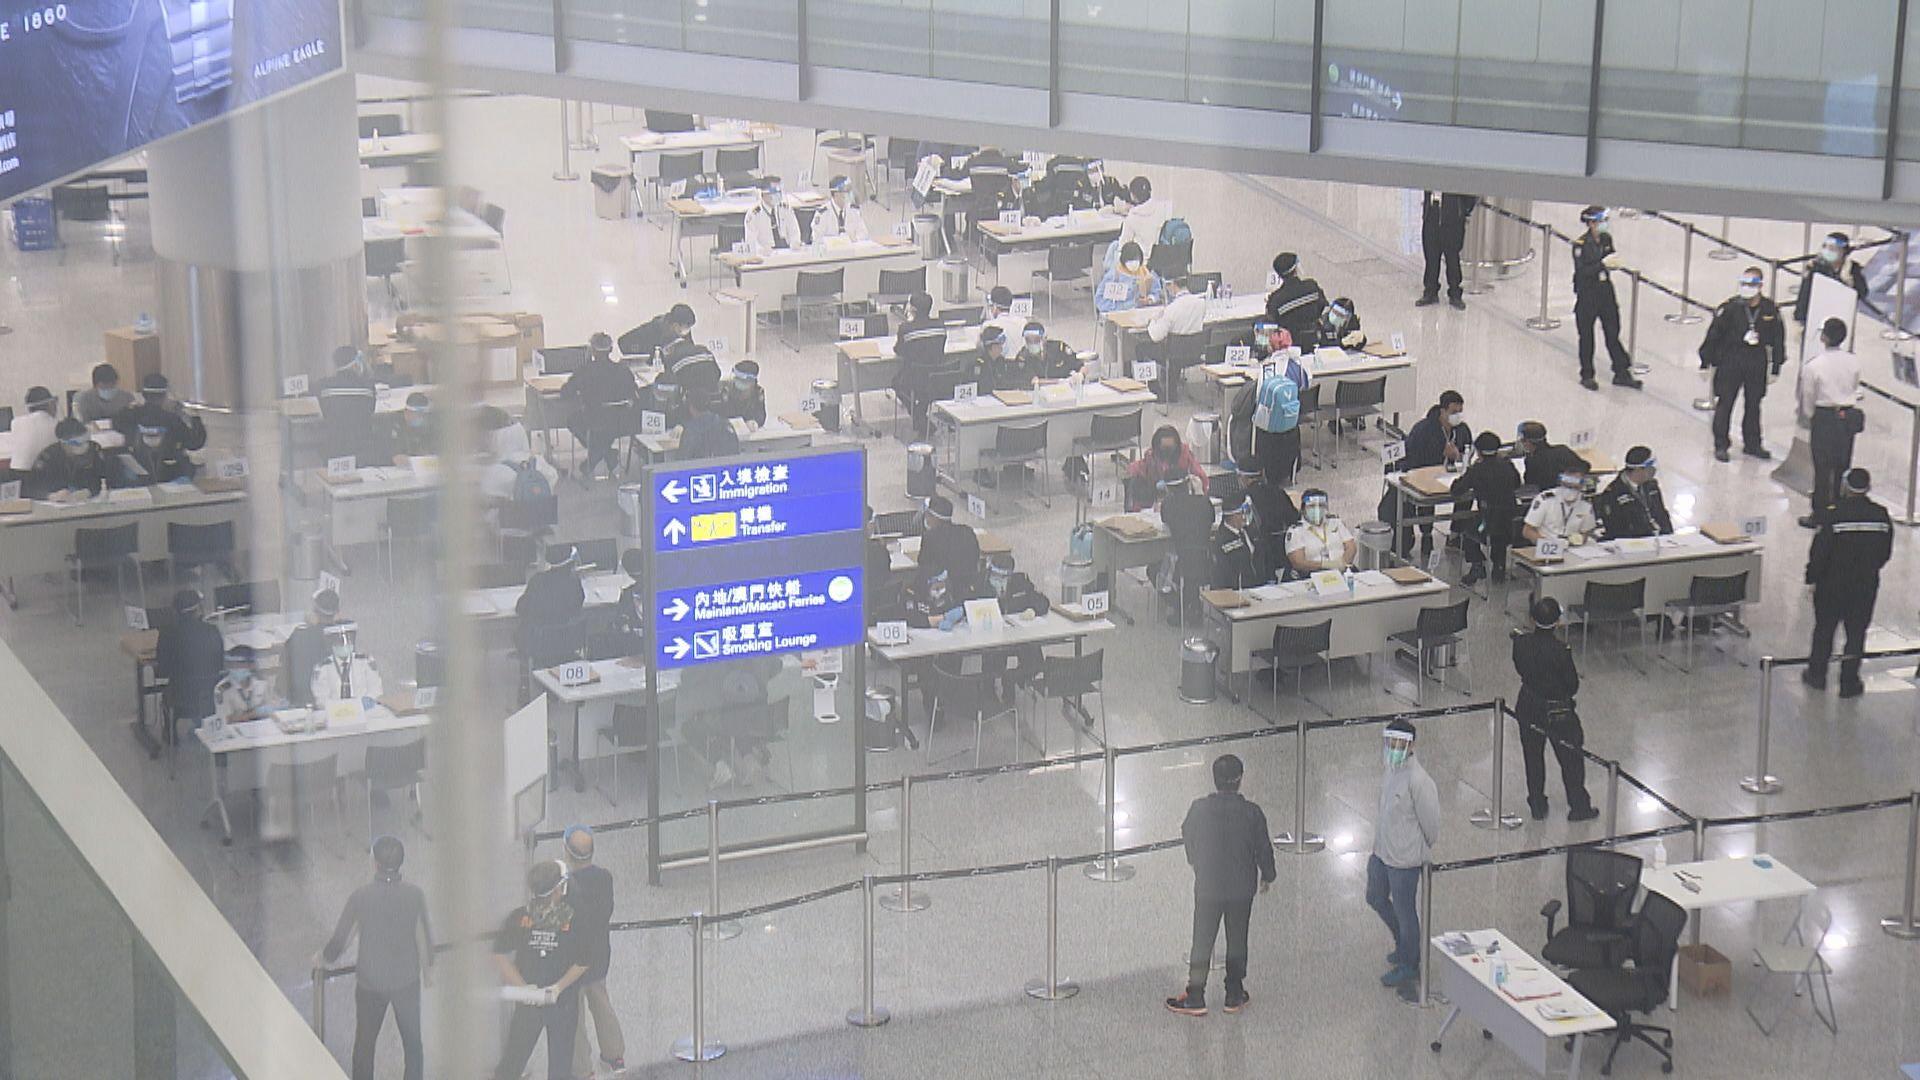 【附指定酒店清單】本月22日起機場抵港人士須到指定酒店檢疫